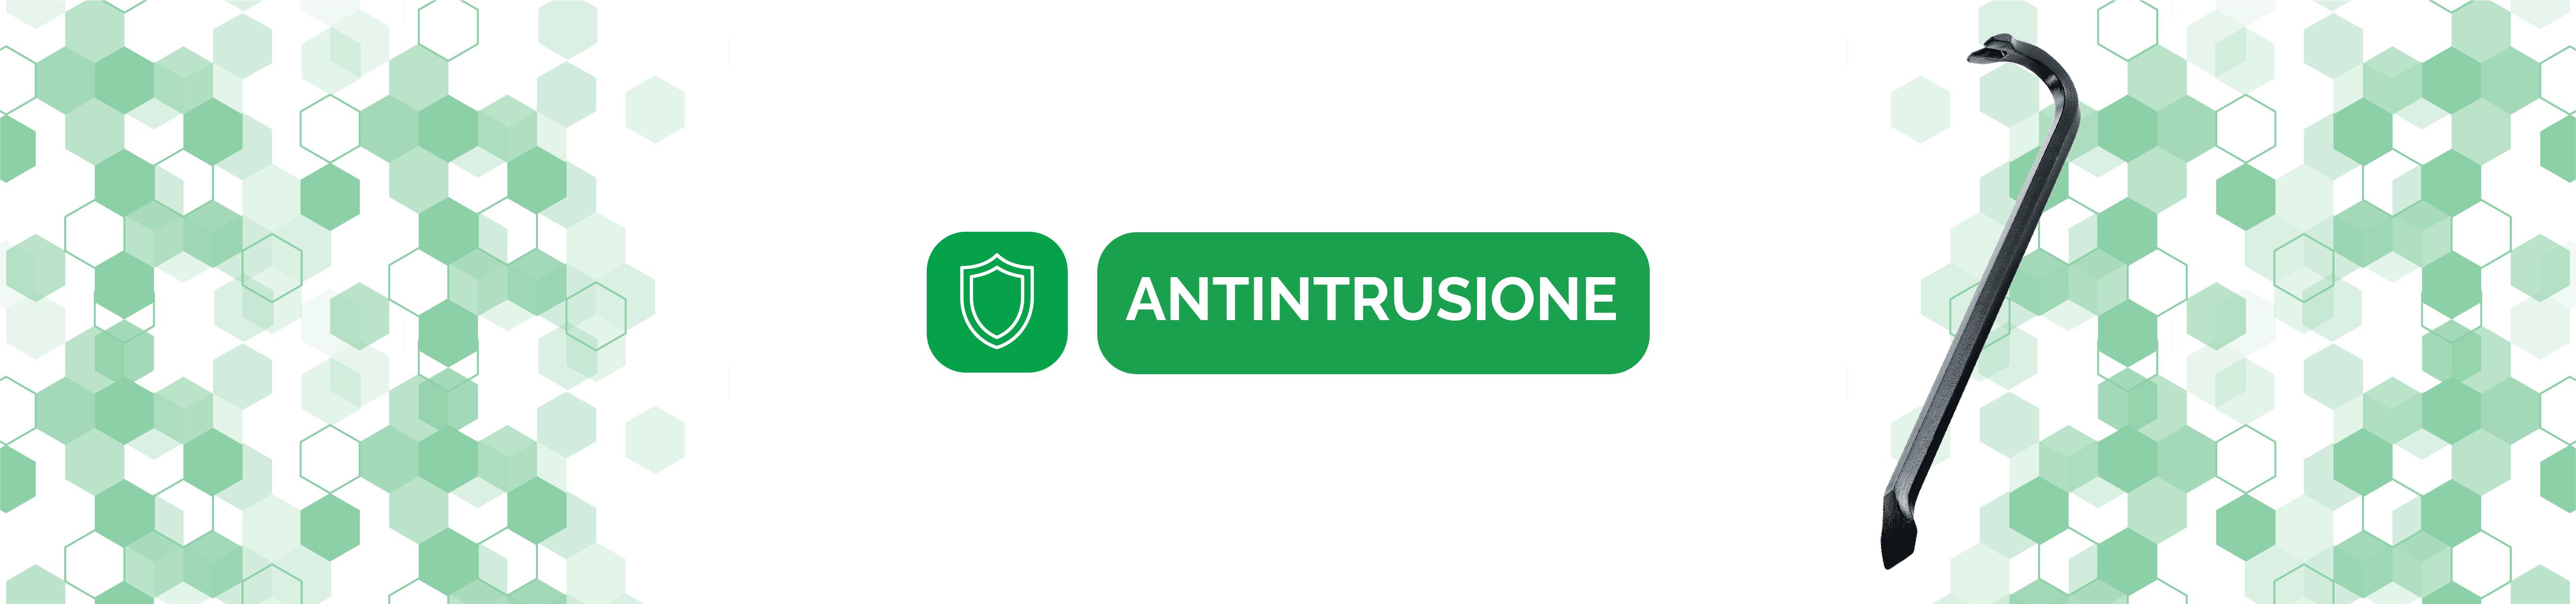 Antintrusione